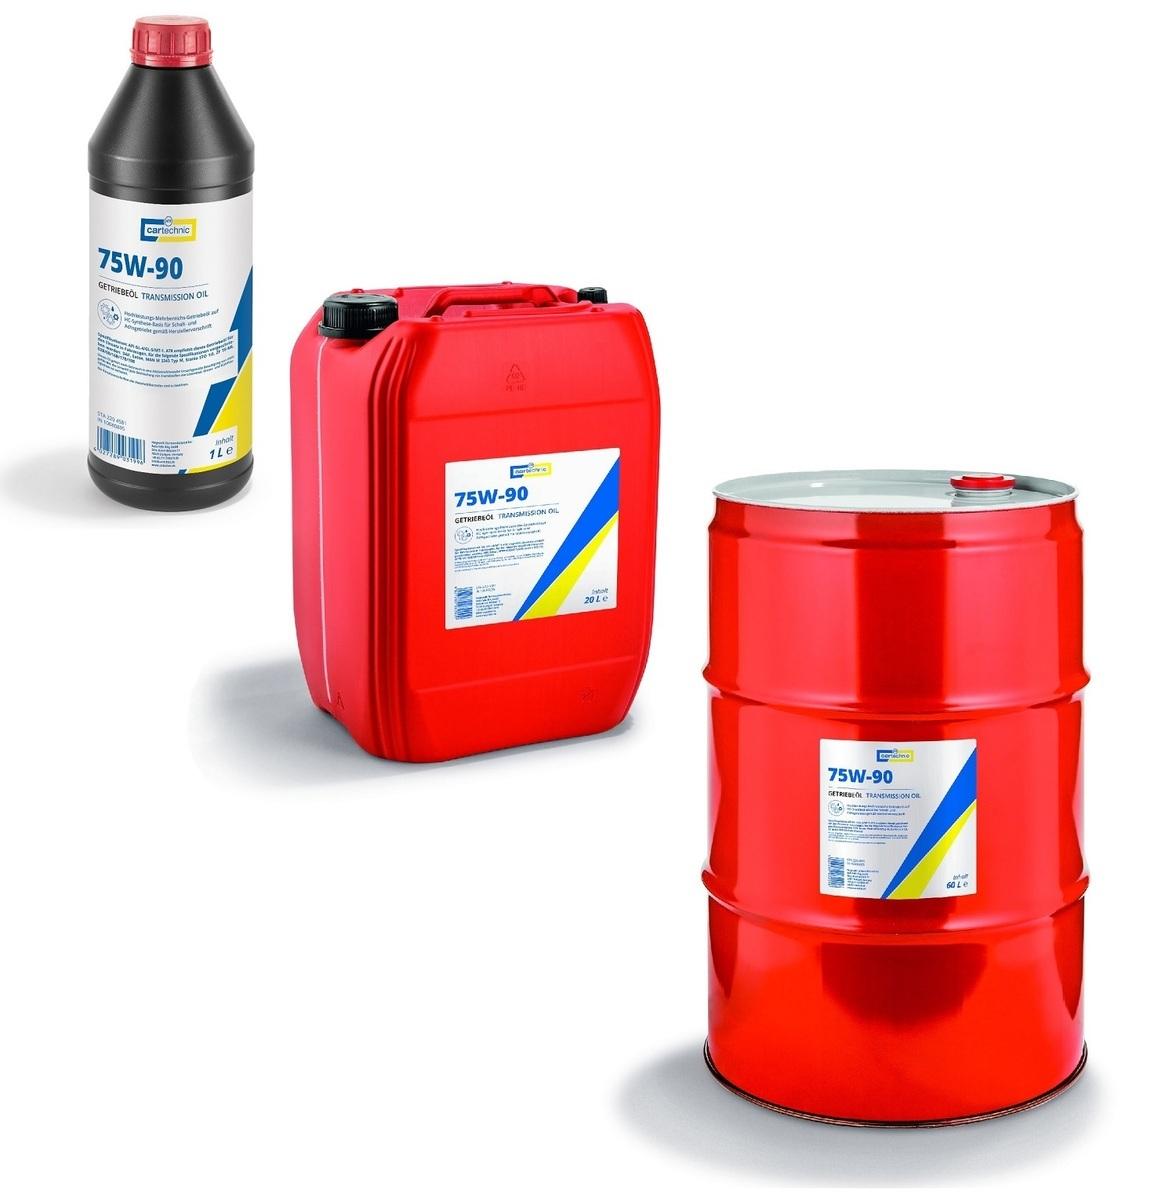 Převodový olej 75W-90 pro velmi namáhané převodovky, různé objemy - Cartechnic